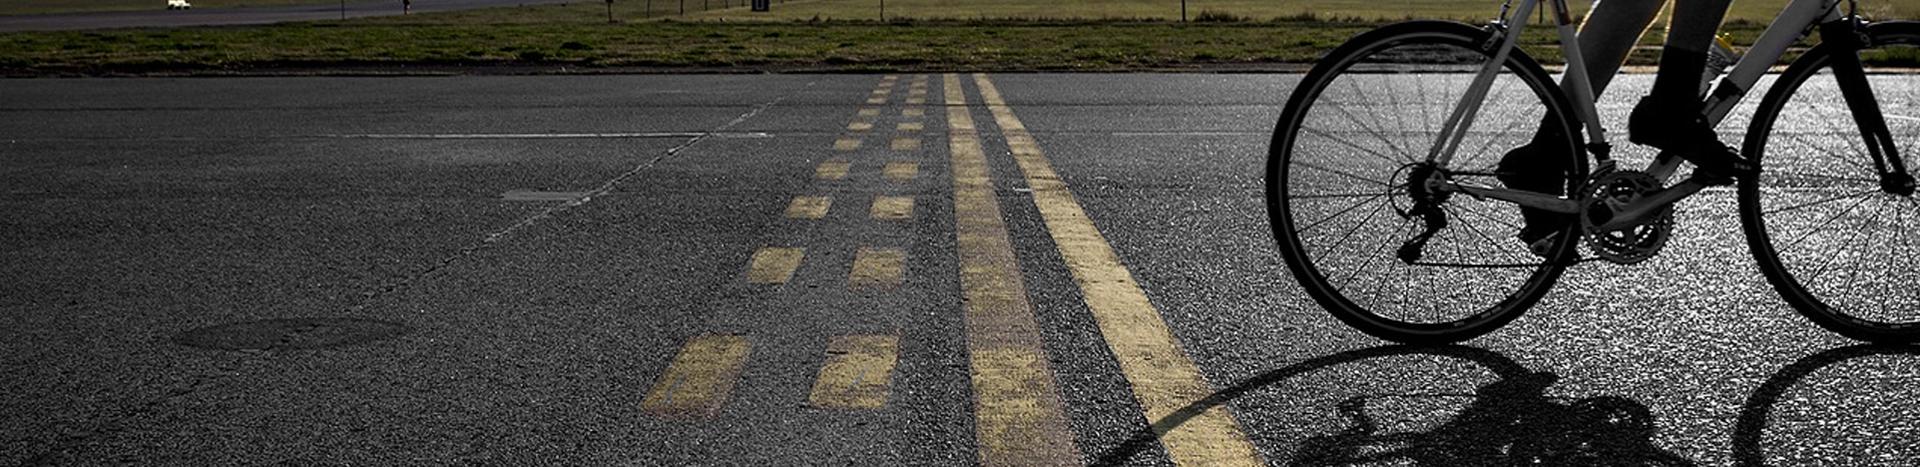 Gemeente aansprakelijk voor val fietser | LetselPro